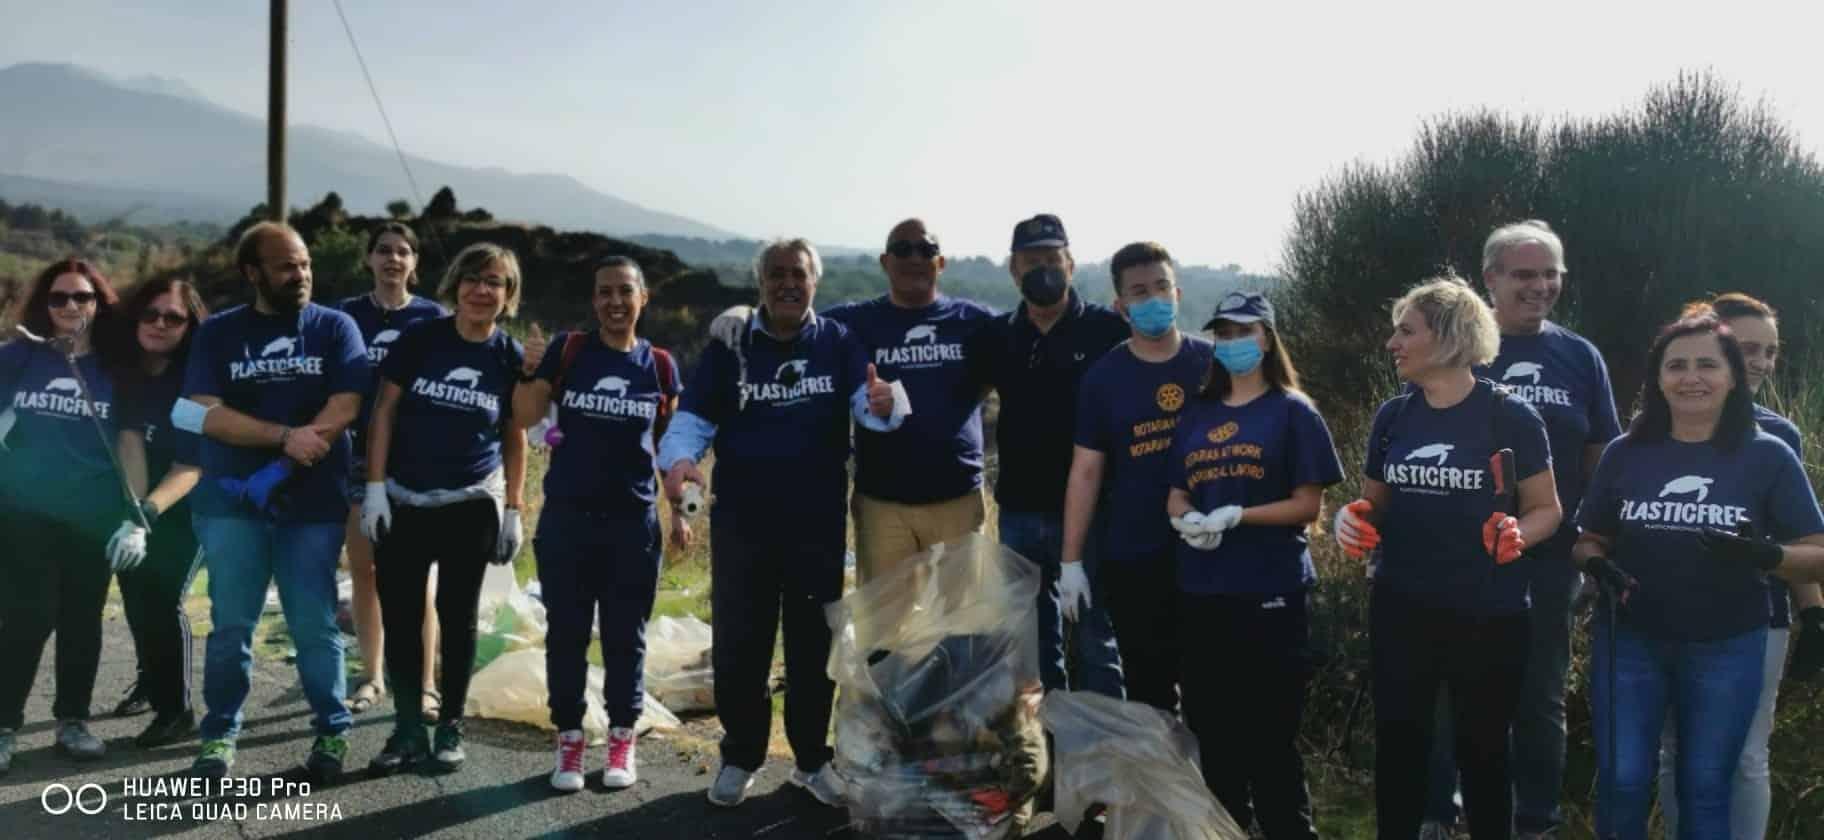 Giornata Nazionale del Plastic Free, Catania Duomo150 in prima linea per la pulizia straordinaria del territorio